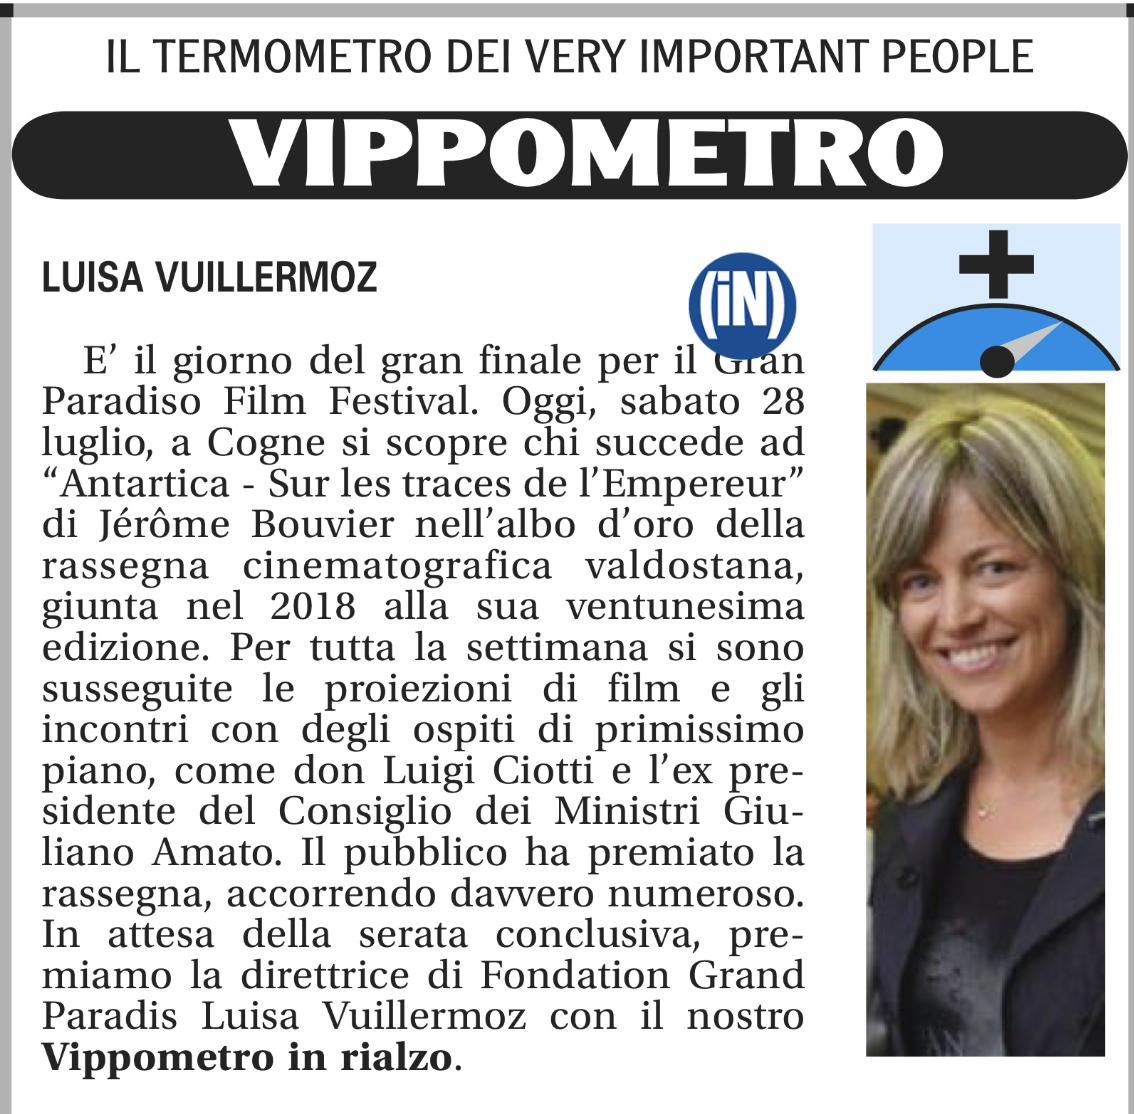 2018-07-26-La-Vallee-Notizie---Il-termometro-dei-very-important-people